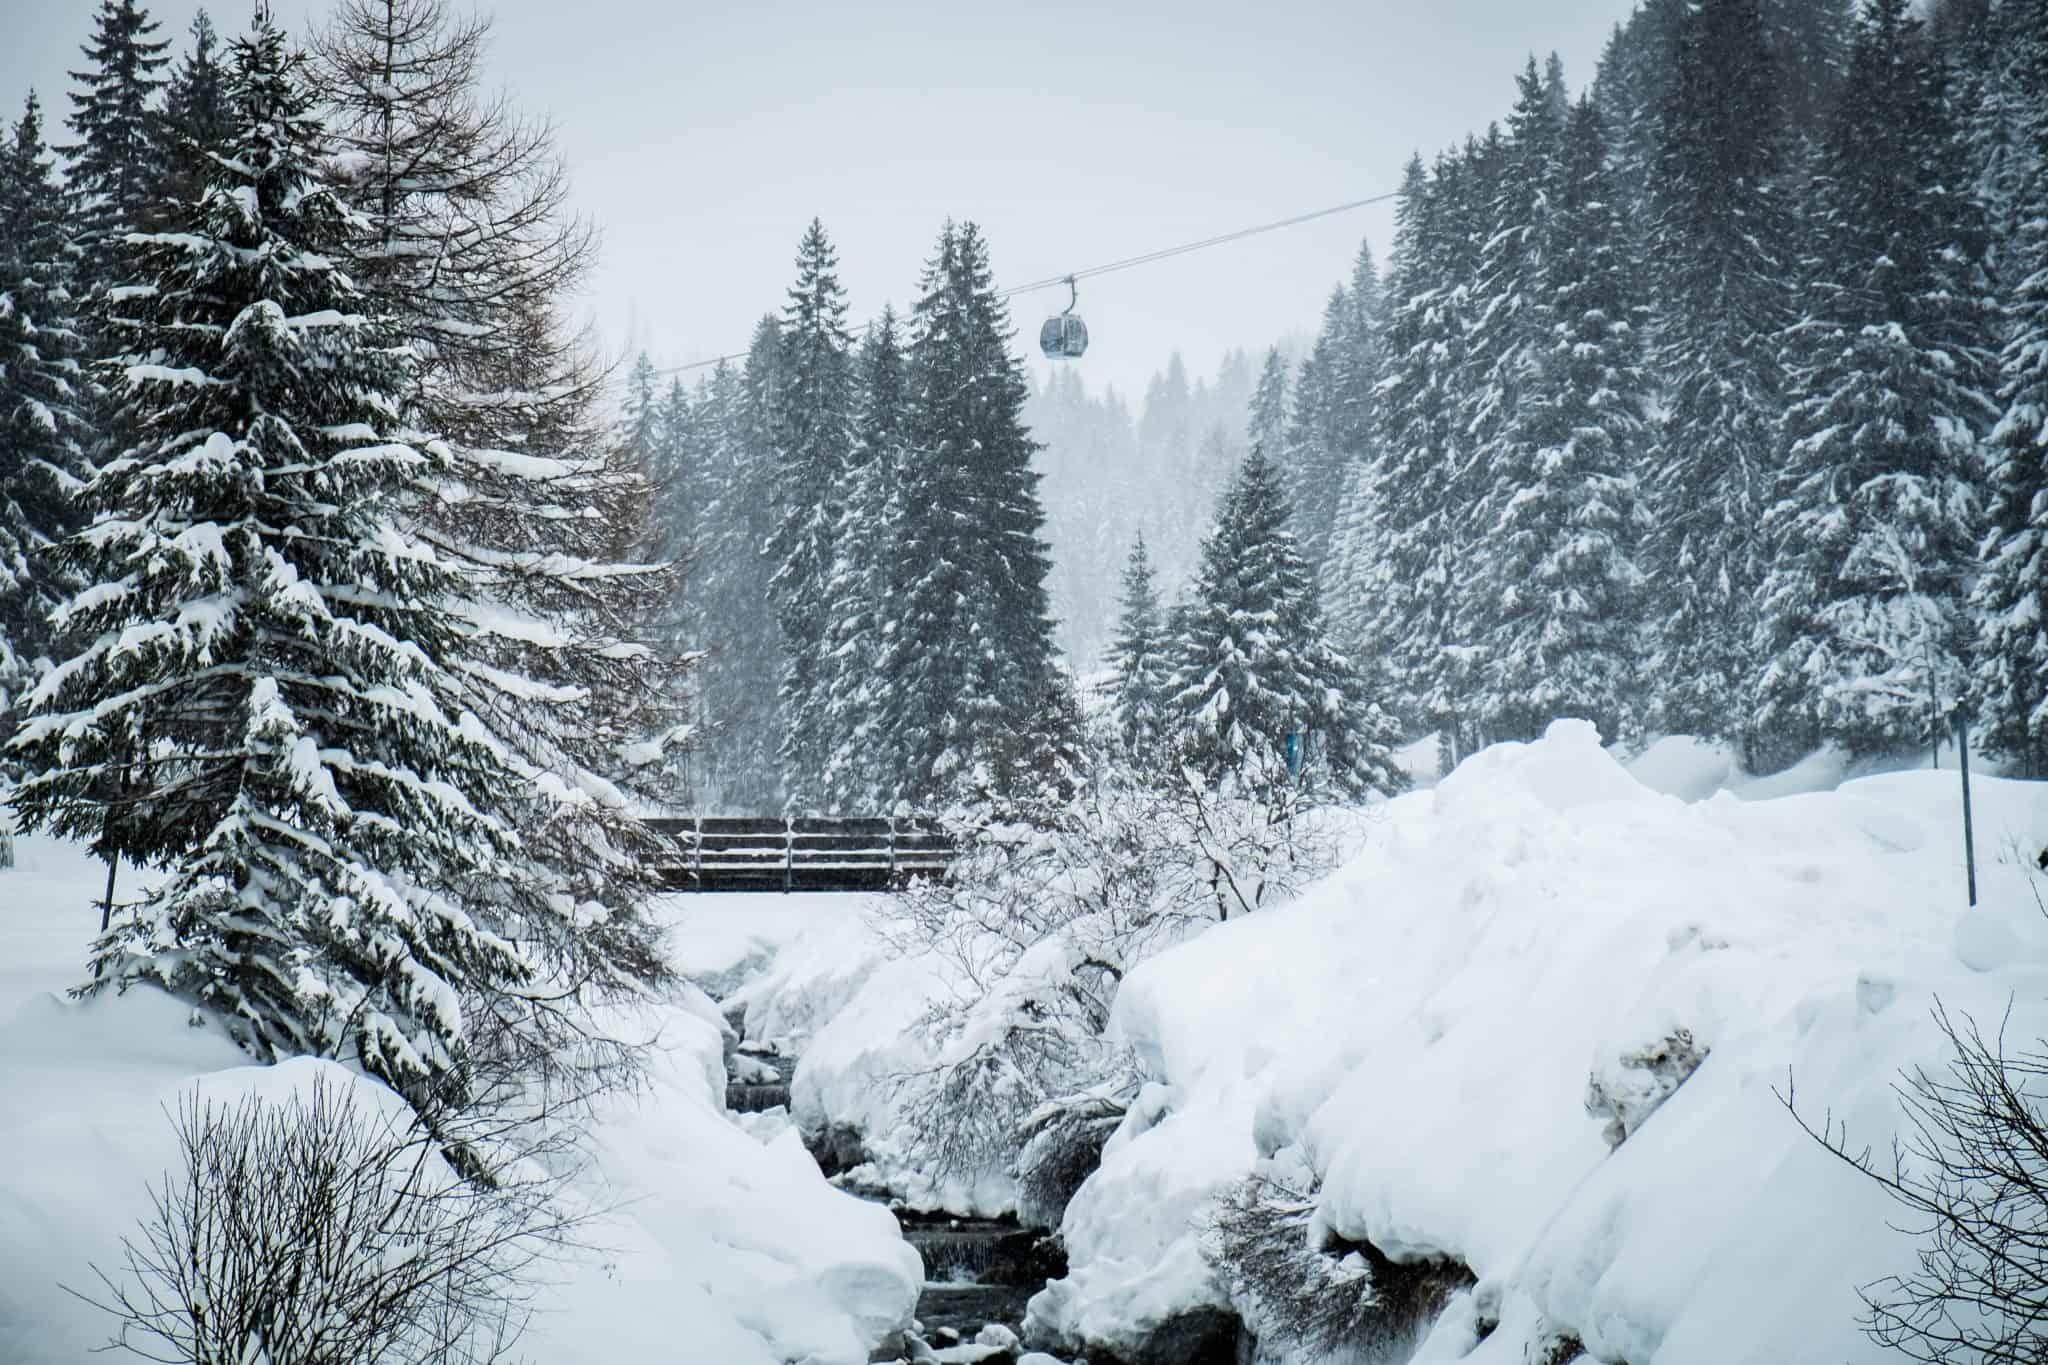 Gargellen, Austria fresh snow